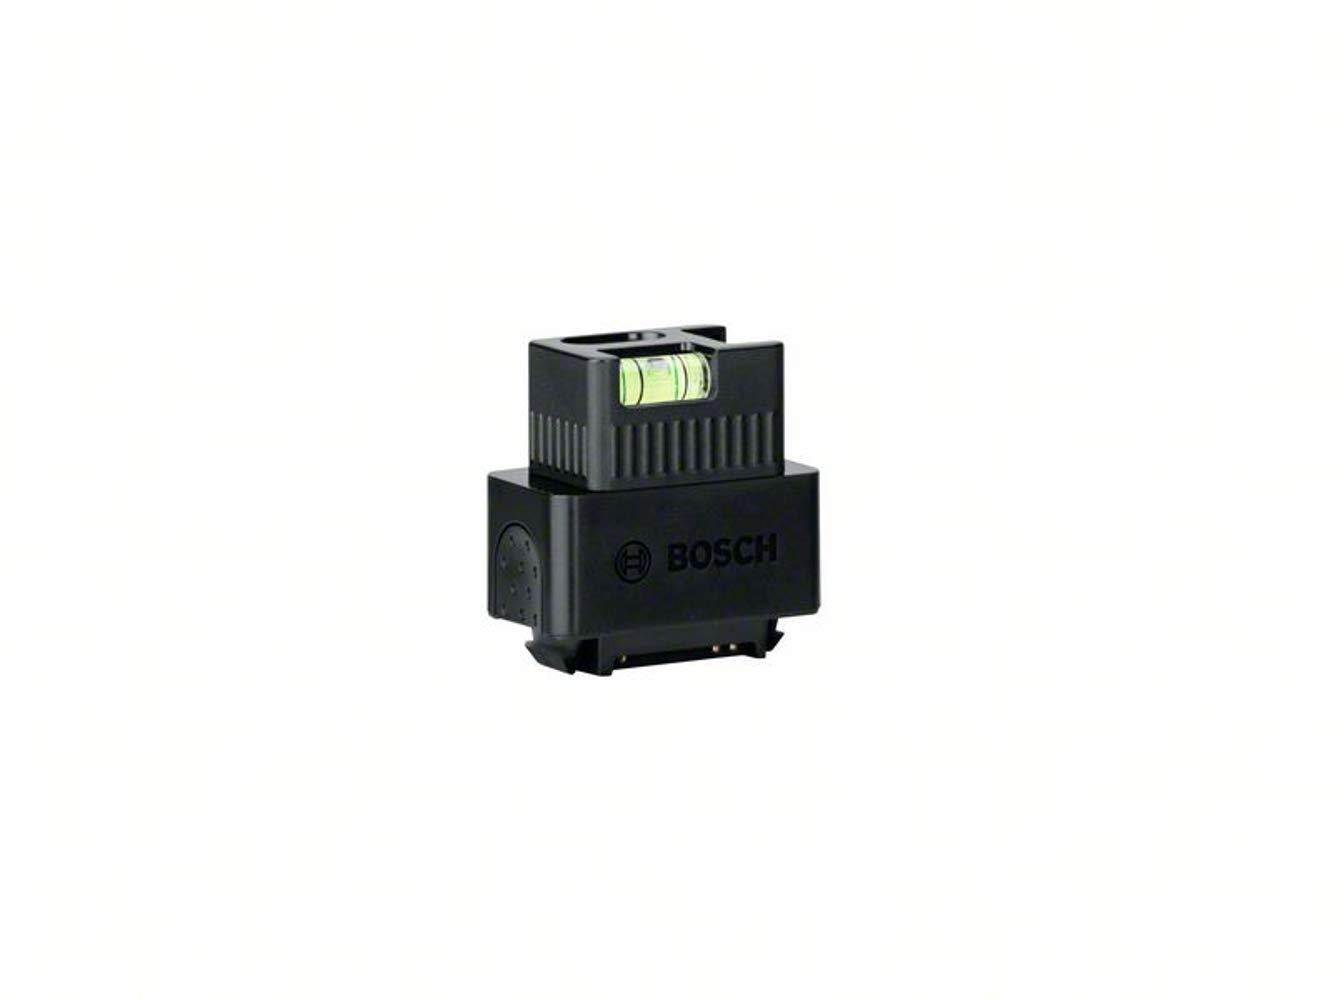 Bosch Laser Entfernungsmesser Zamo : Bosch laser linienadapter für zamo generation im karton